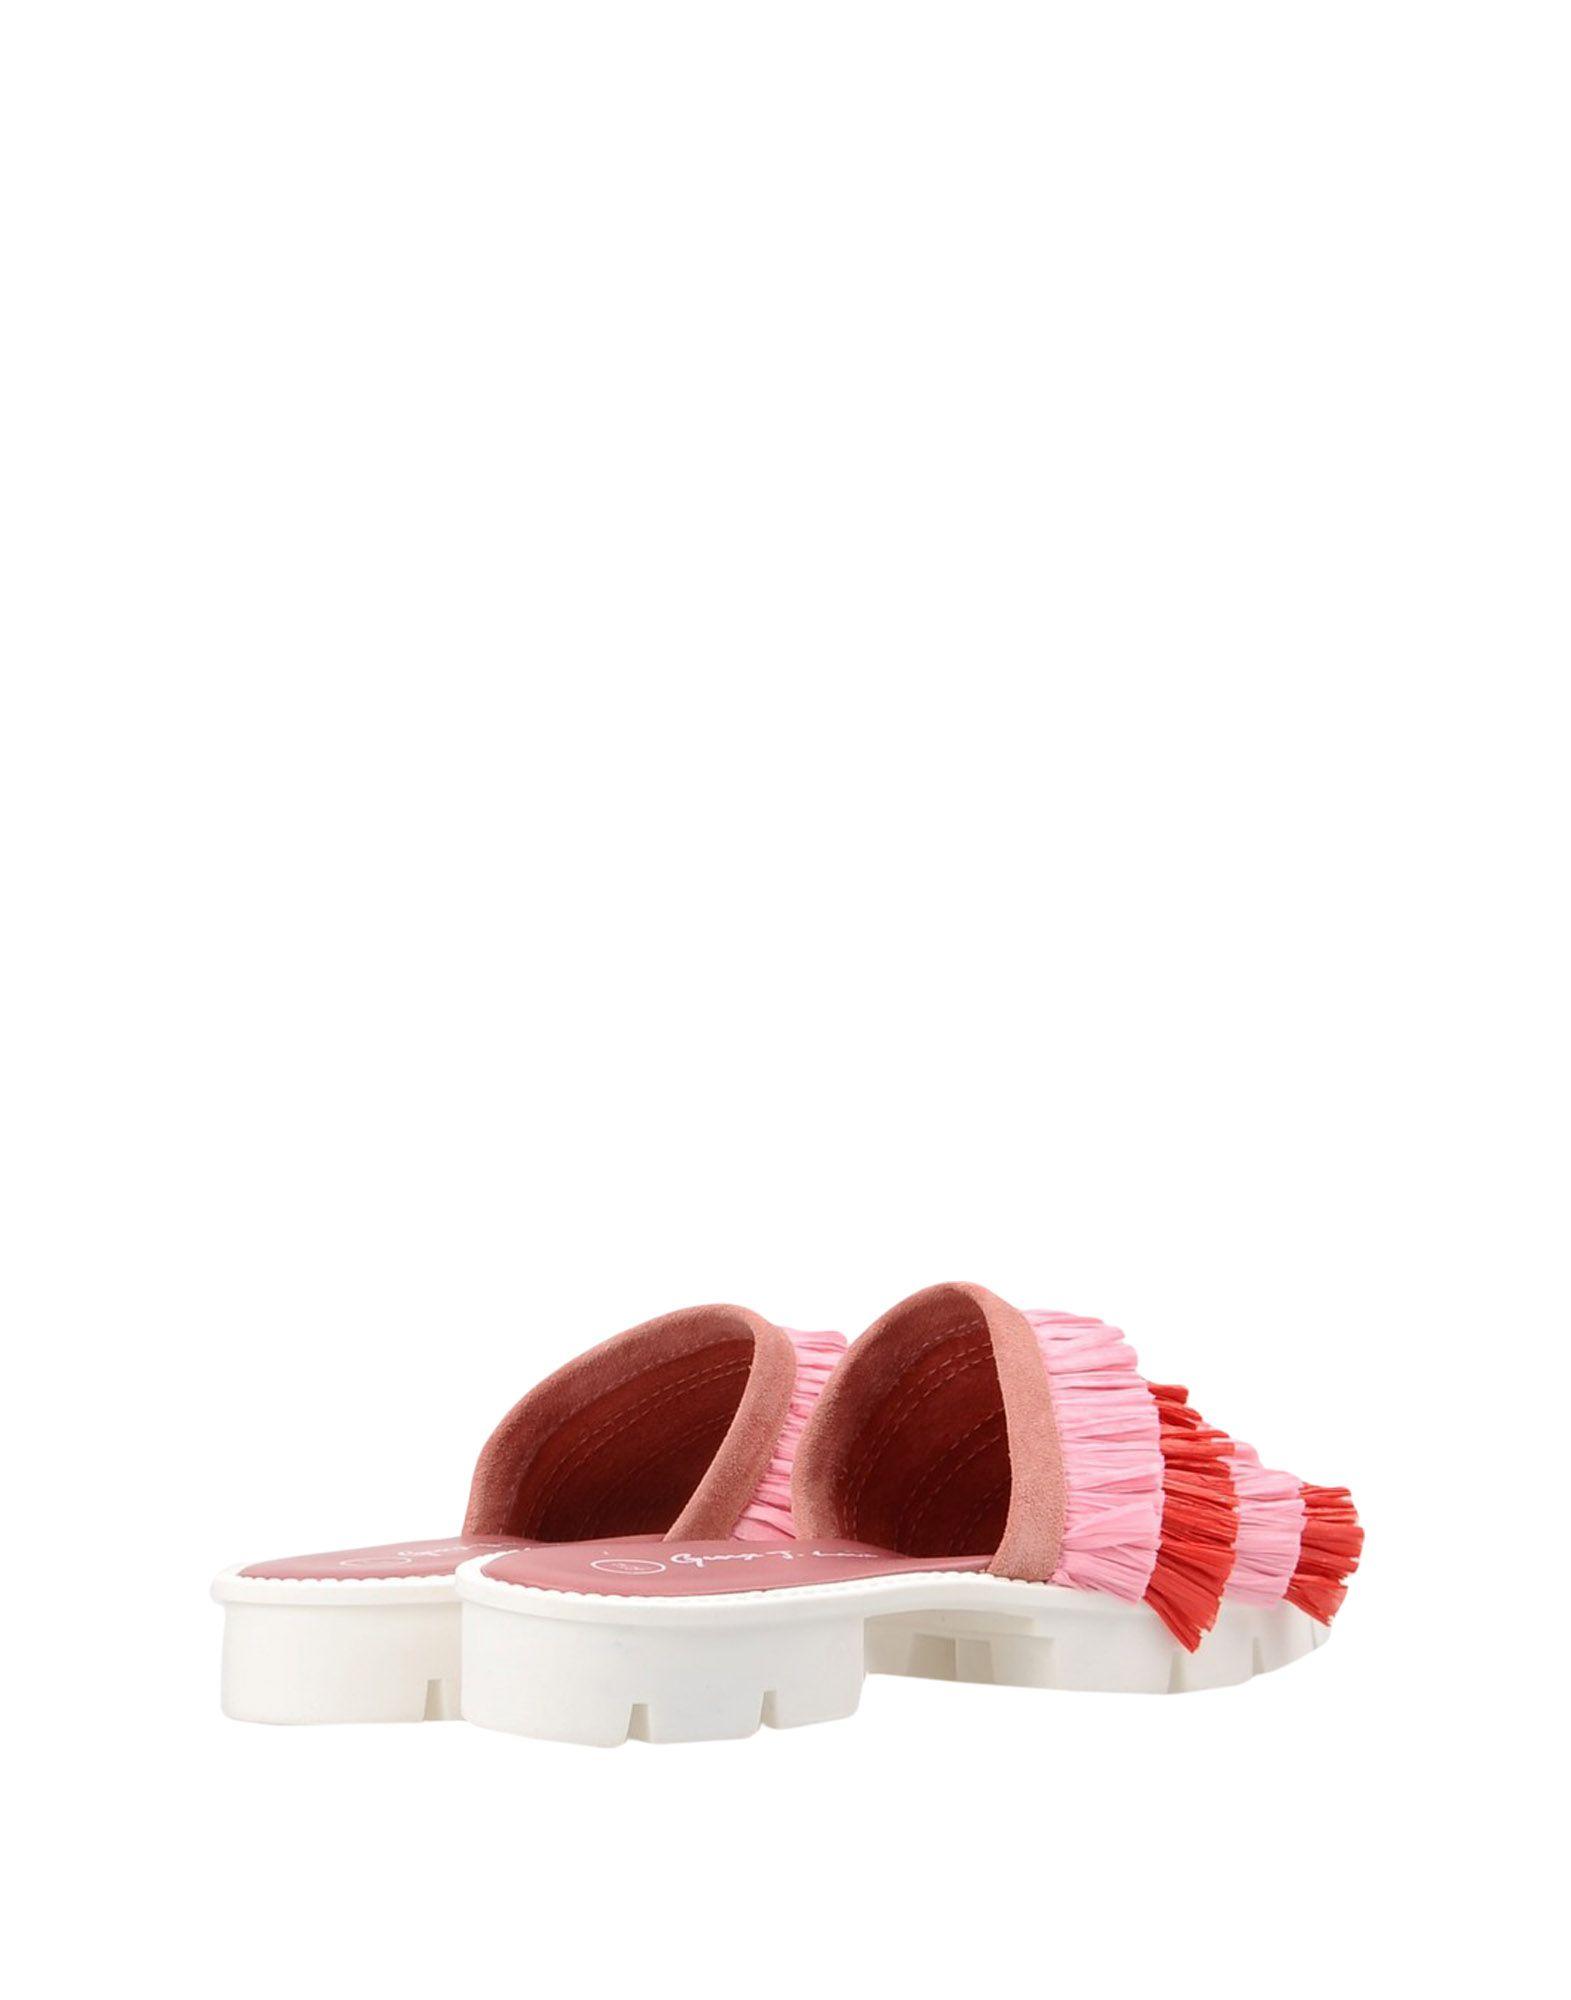 George J. Love Sandalen Damen  11426666KF Gute Qualität beliebte Schuhe